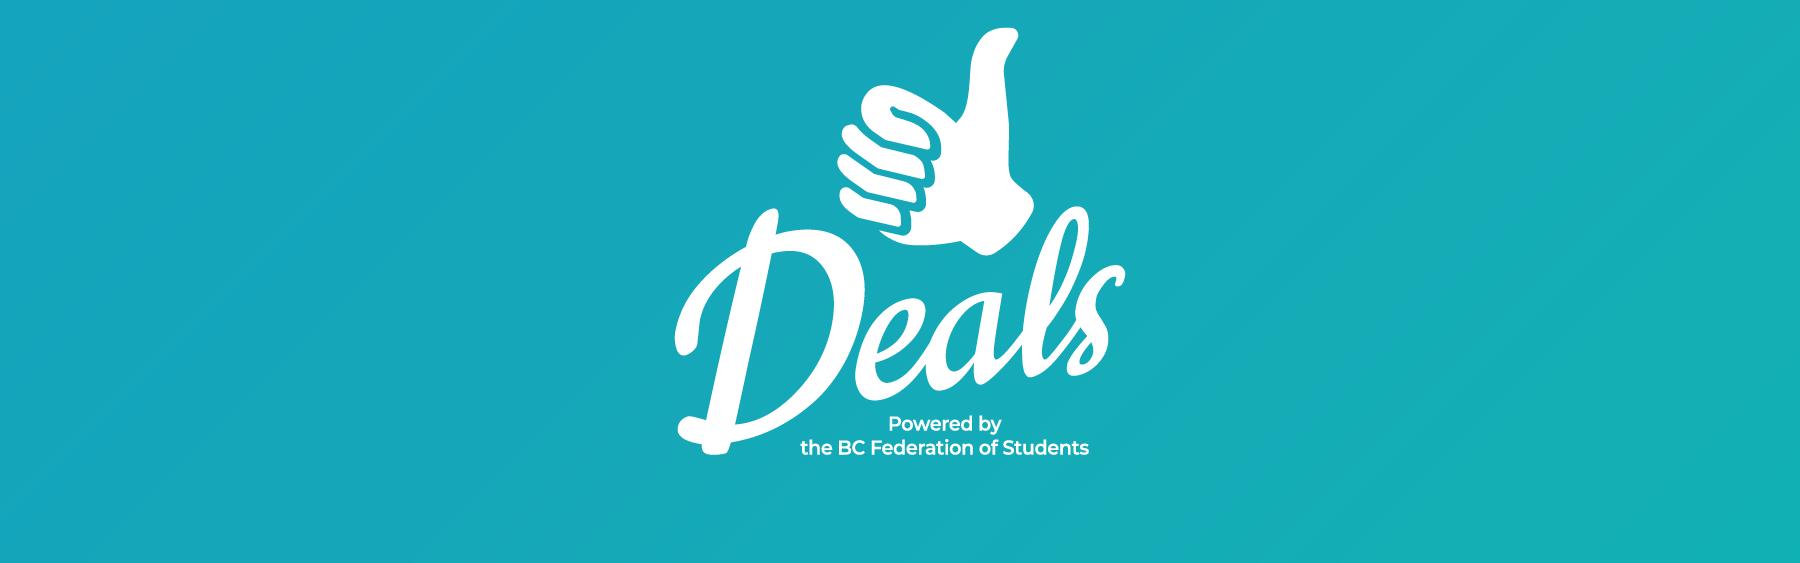 Deals Program